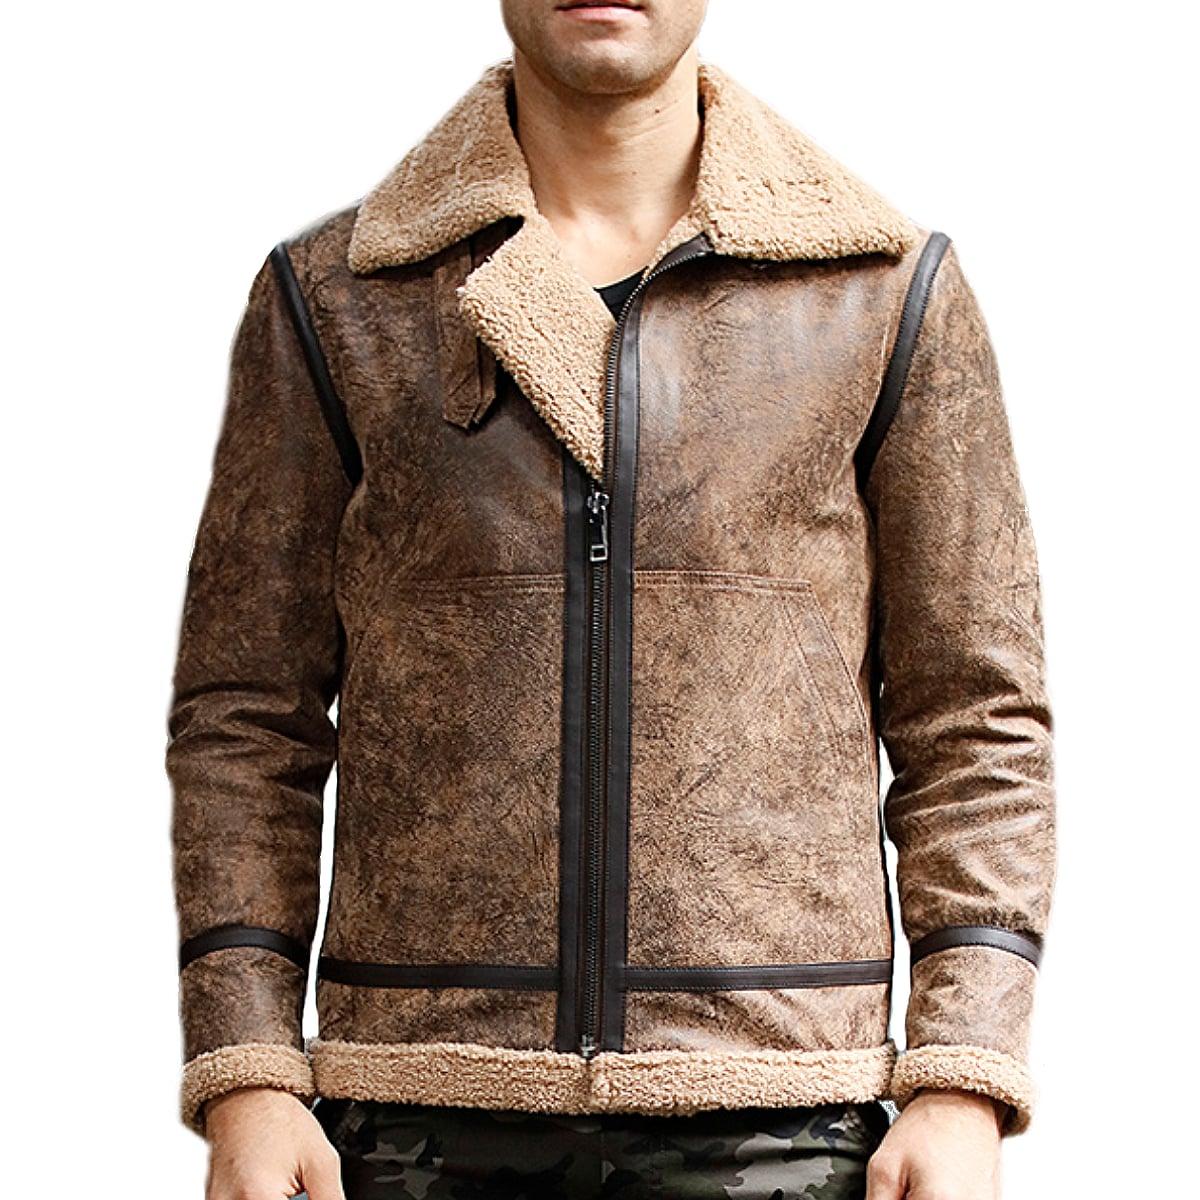 【送料無料!】全10サイズ! [Men's Aviator Pigskin Genuine Leather Flight Jacket] メンズ アビエーター ピッグスキン ジェニュインレザー フライトジャケット! 本革 豚革 革ジャン ブラウン 茶 ボア ワッペン ライダース コート アウター バイクに!